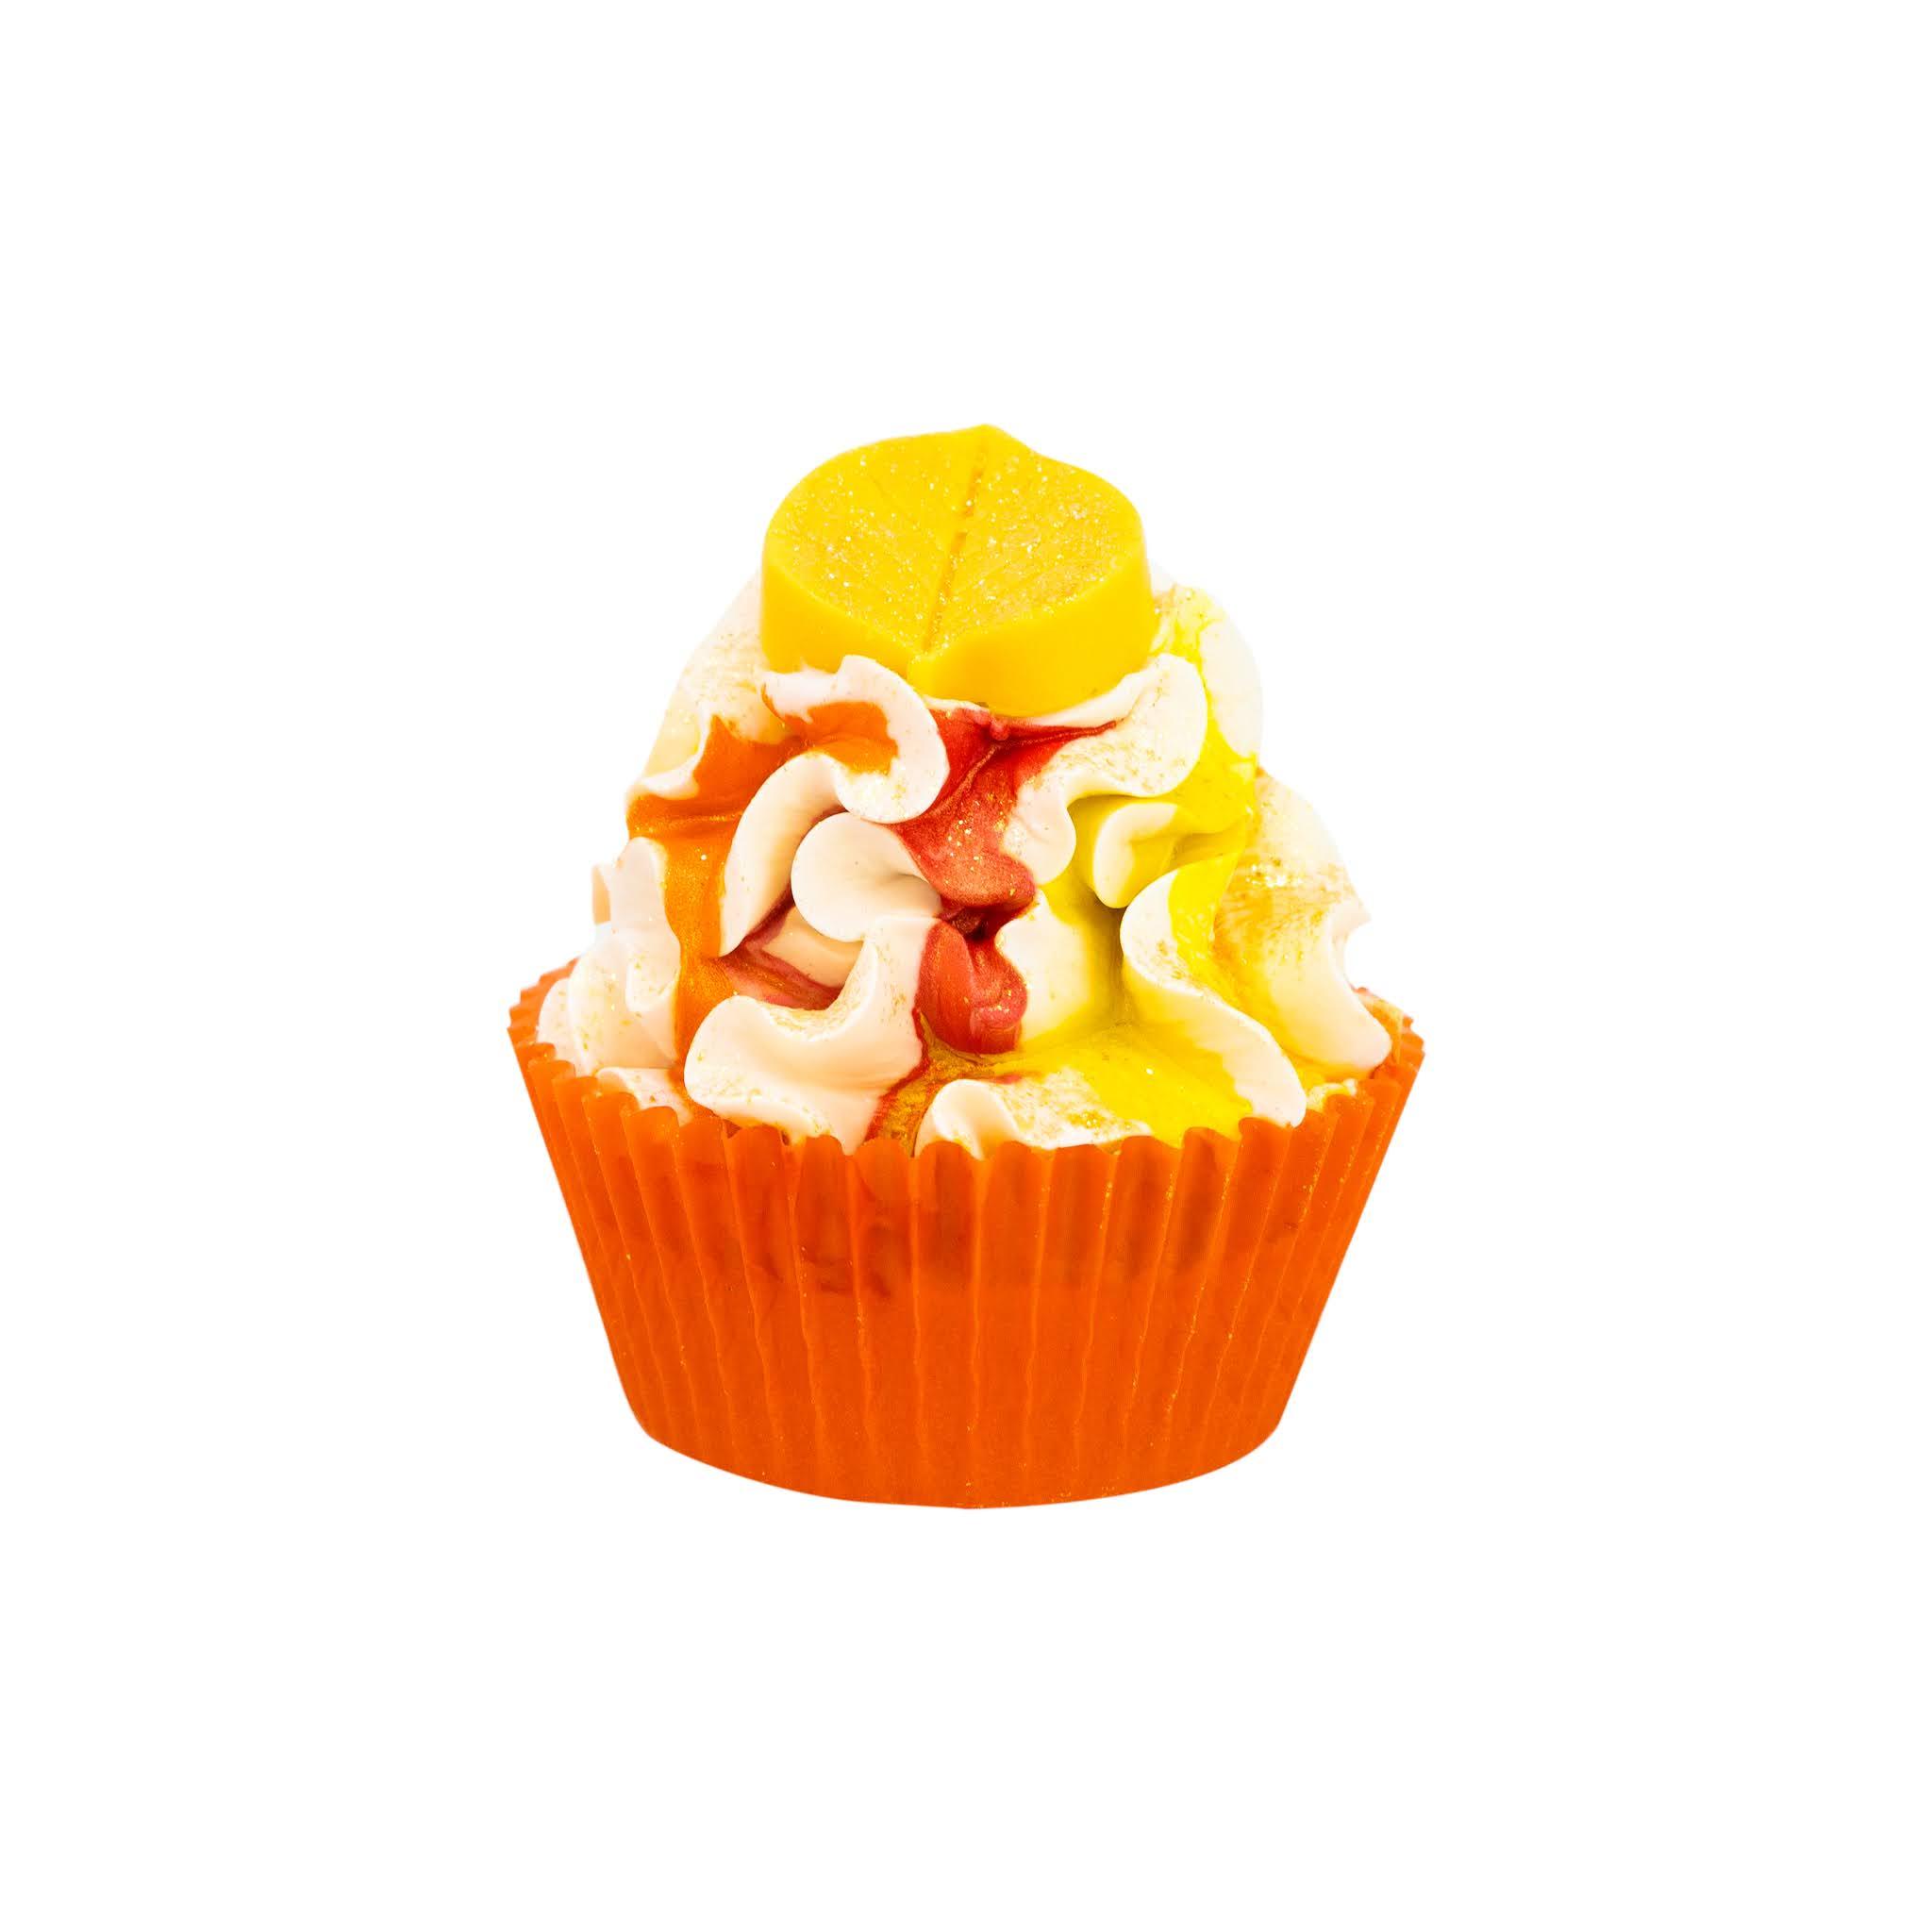 Nectar Bath Treats Peach Cobbler Cupcake Soap